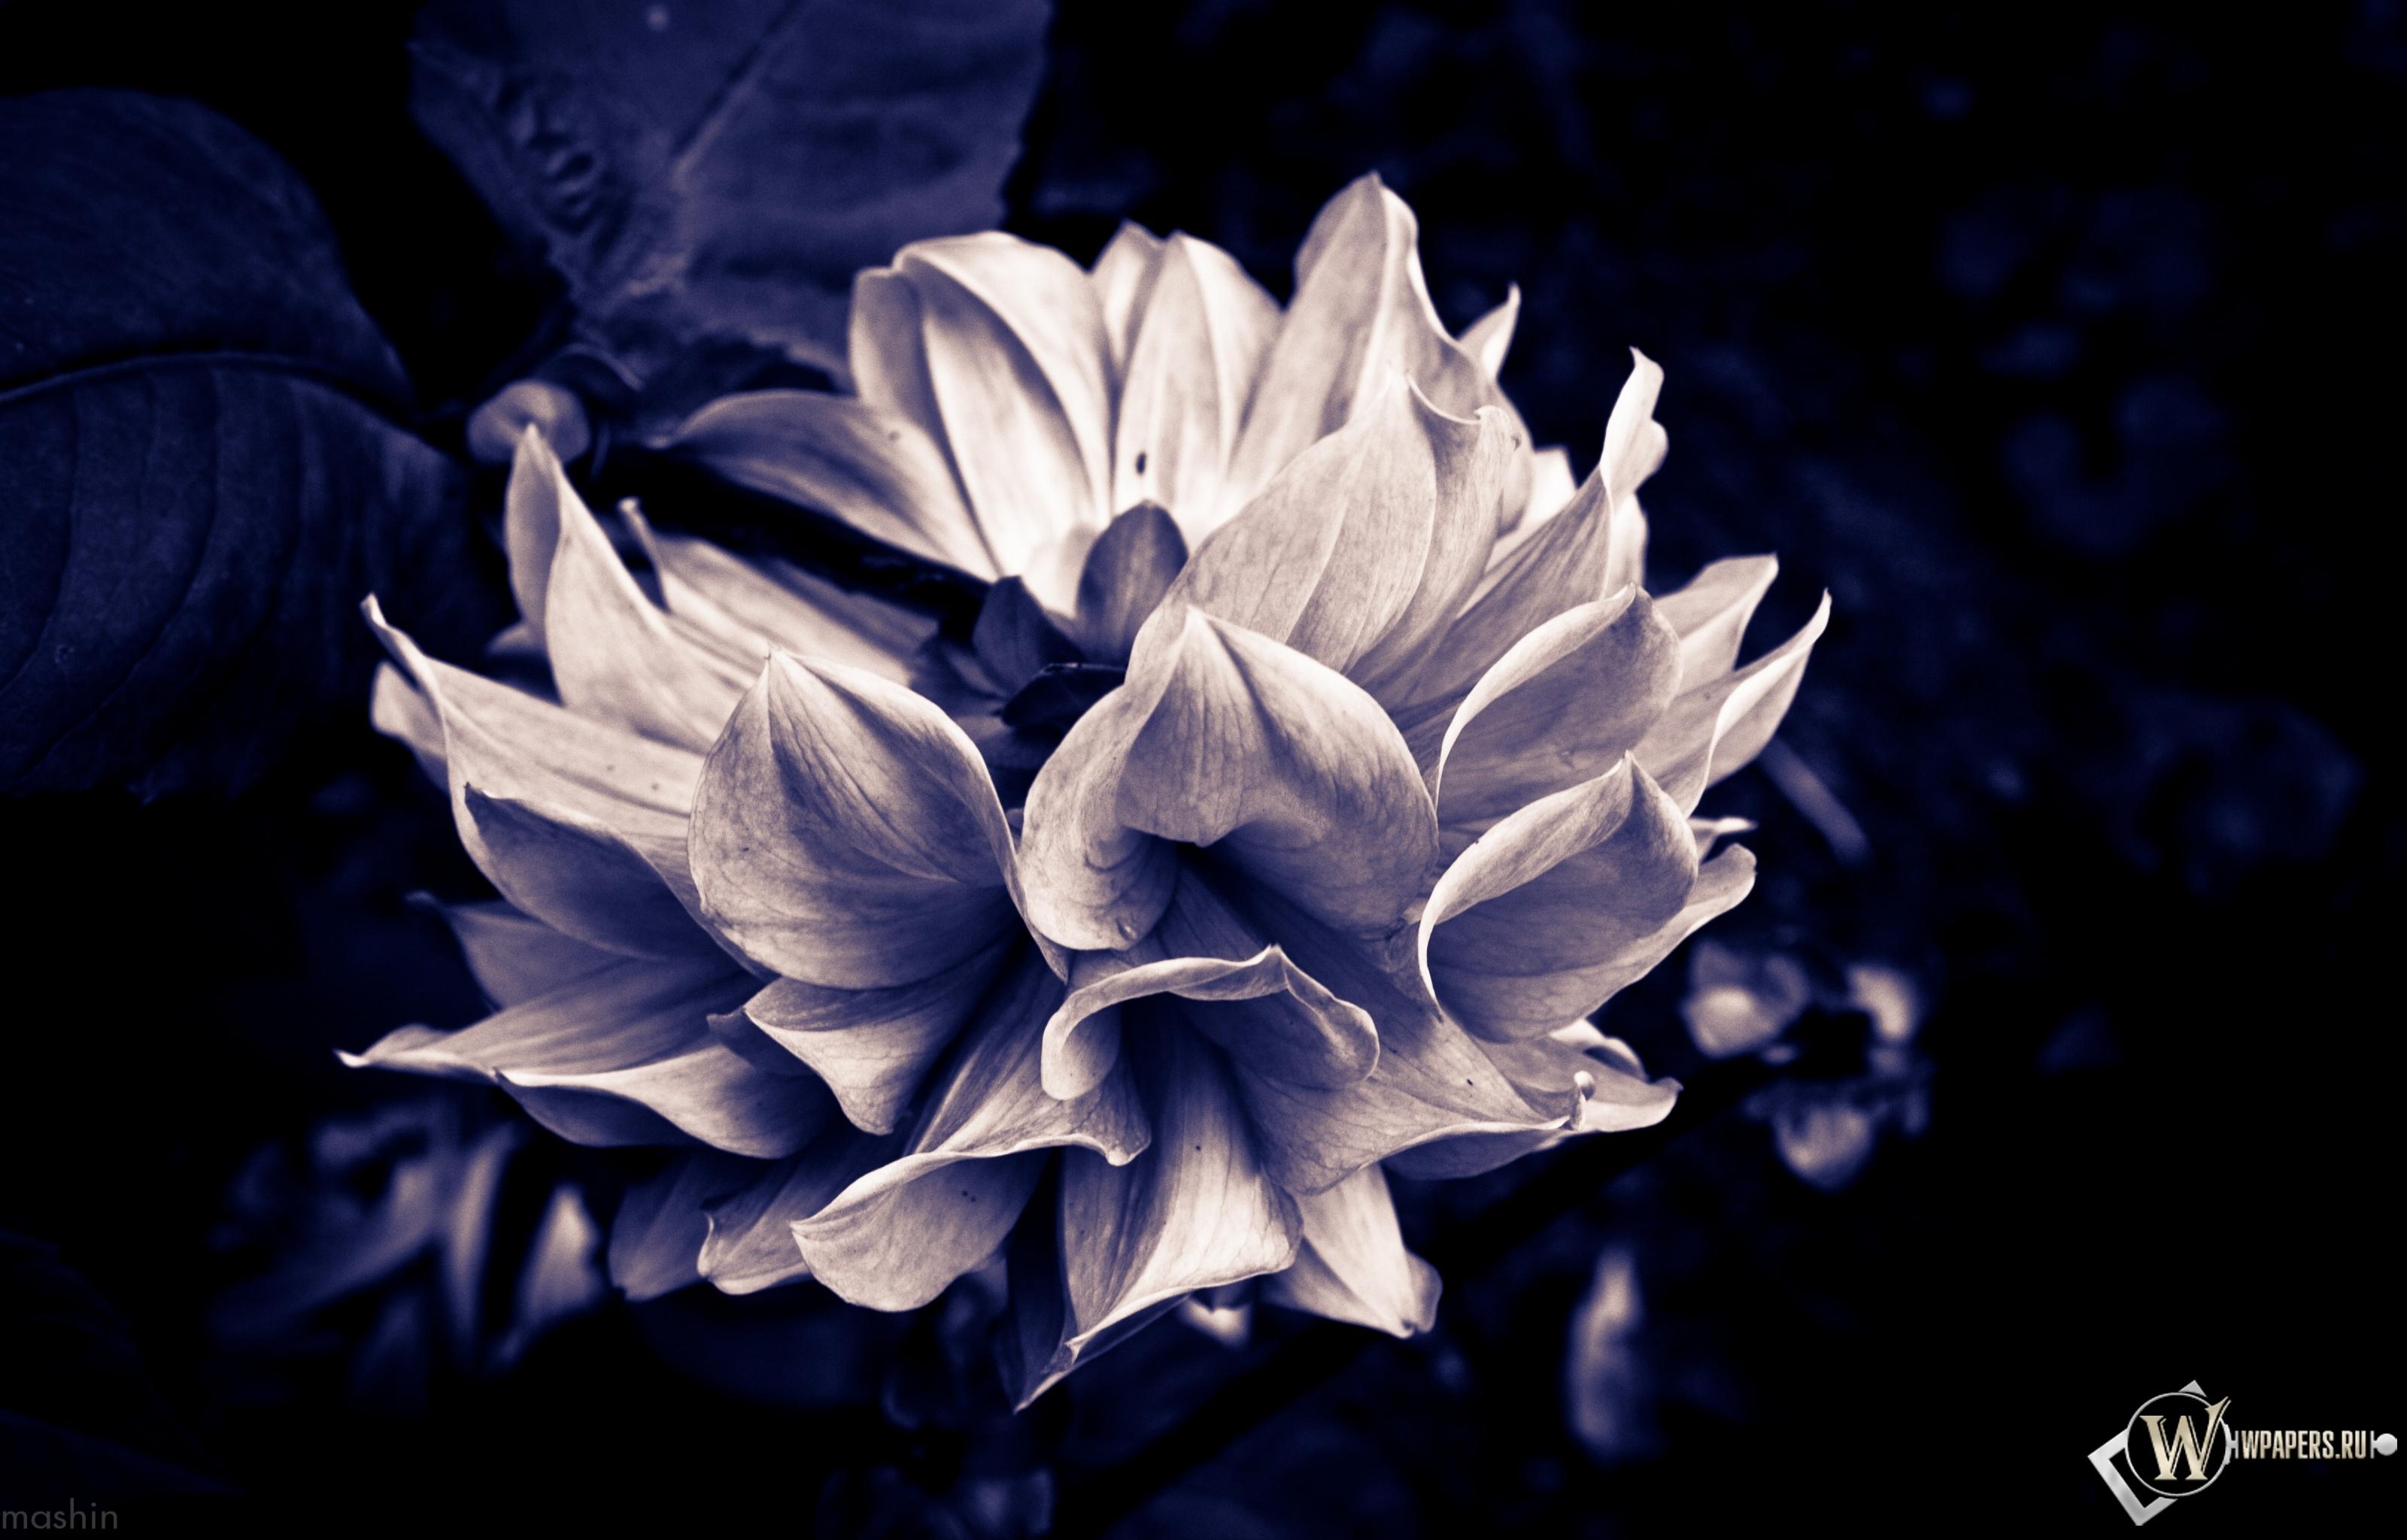 Готический цветок 3200x2048